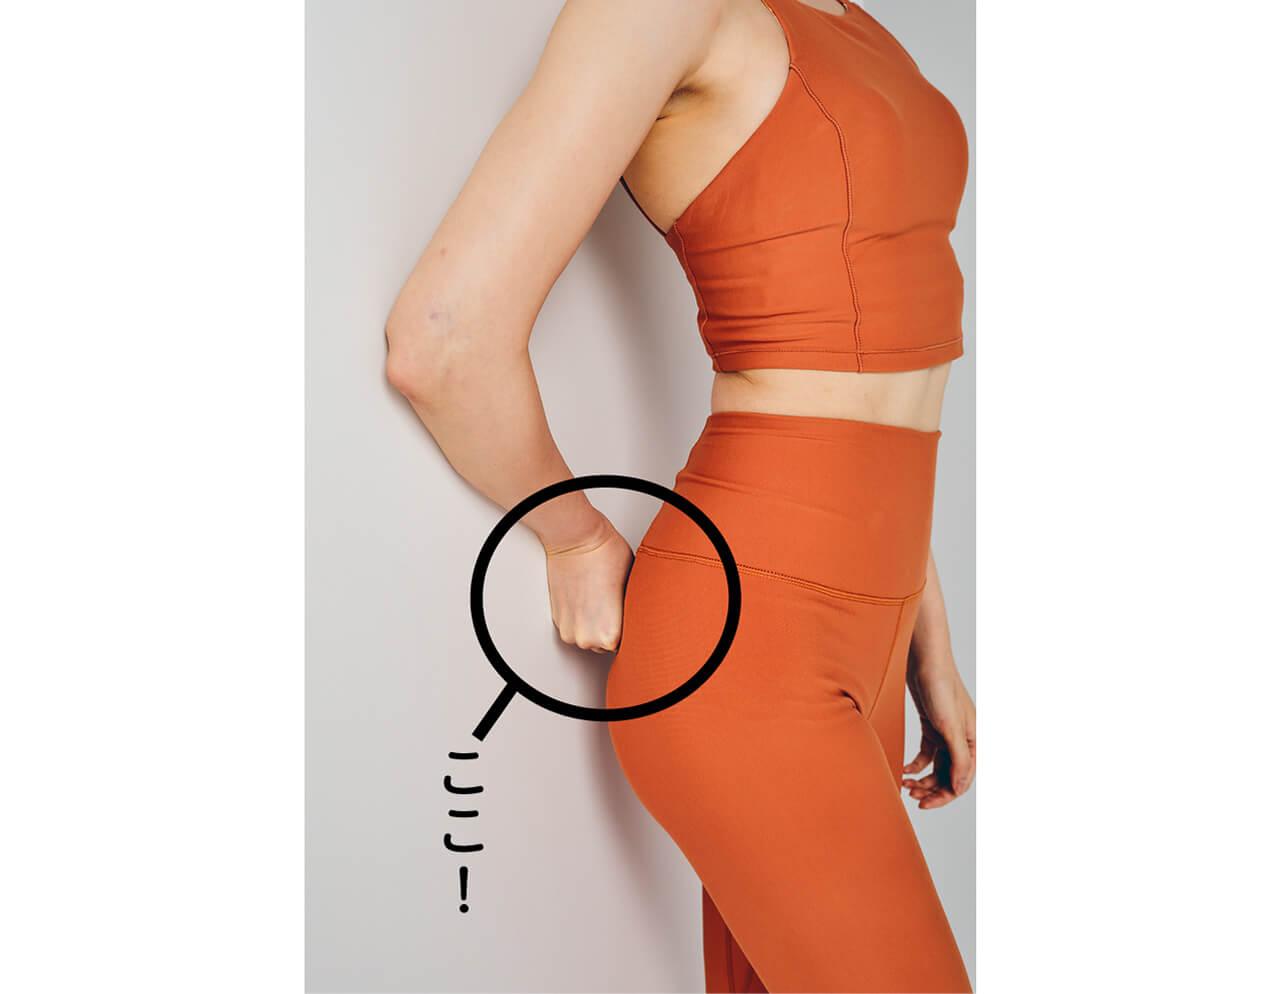 壁によりかかり、こぶしをつくったら壁とおしりの間にこぶしを入れ、体を左右にゆらしミルフィーユポイントを刺激。 ここ!